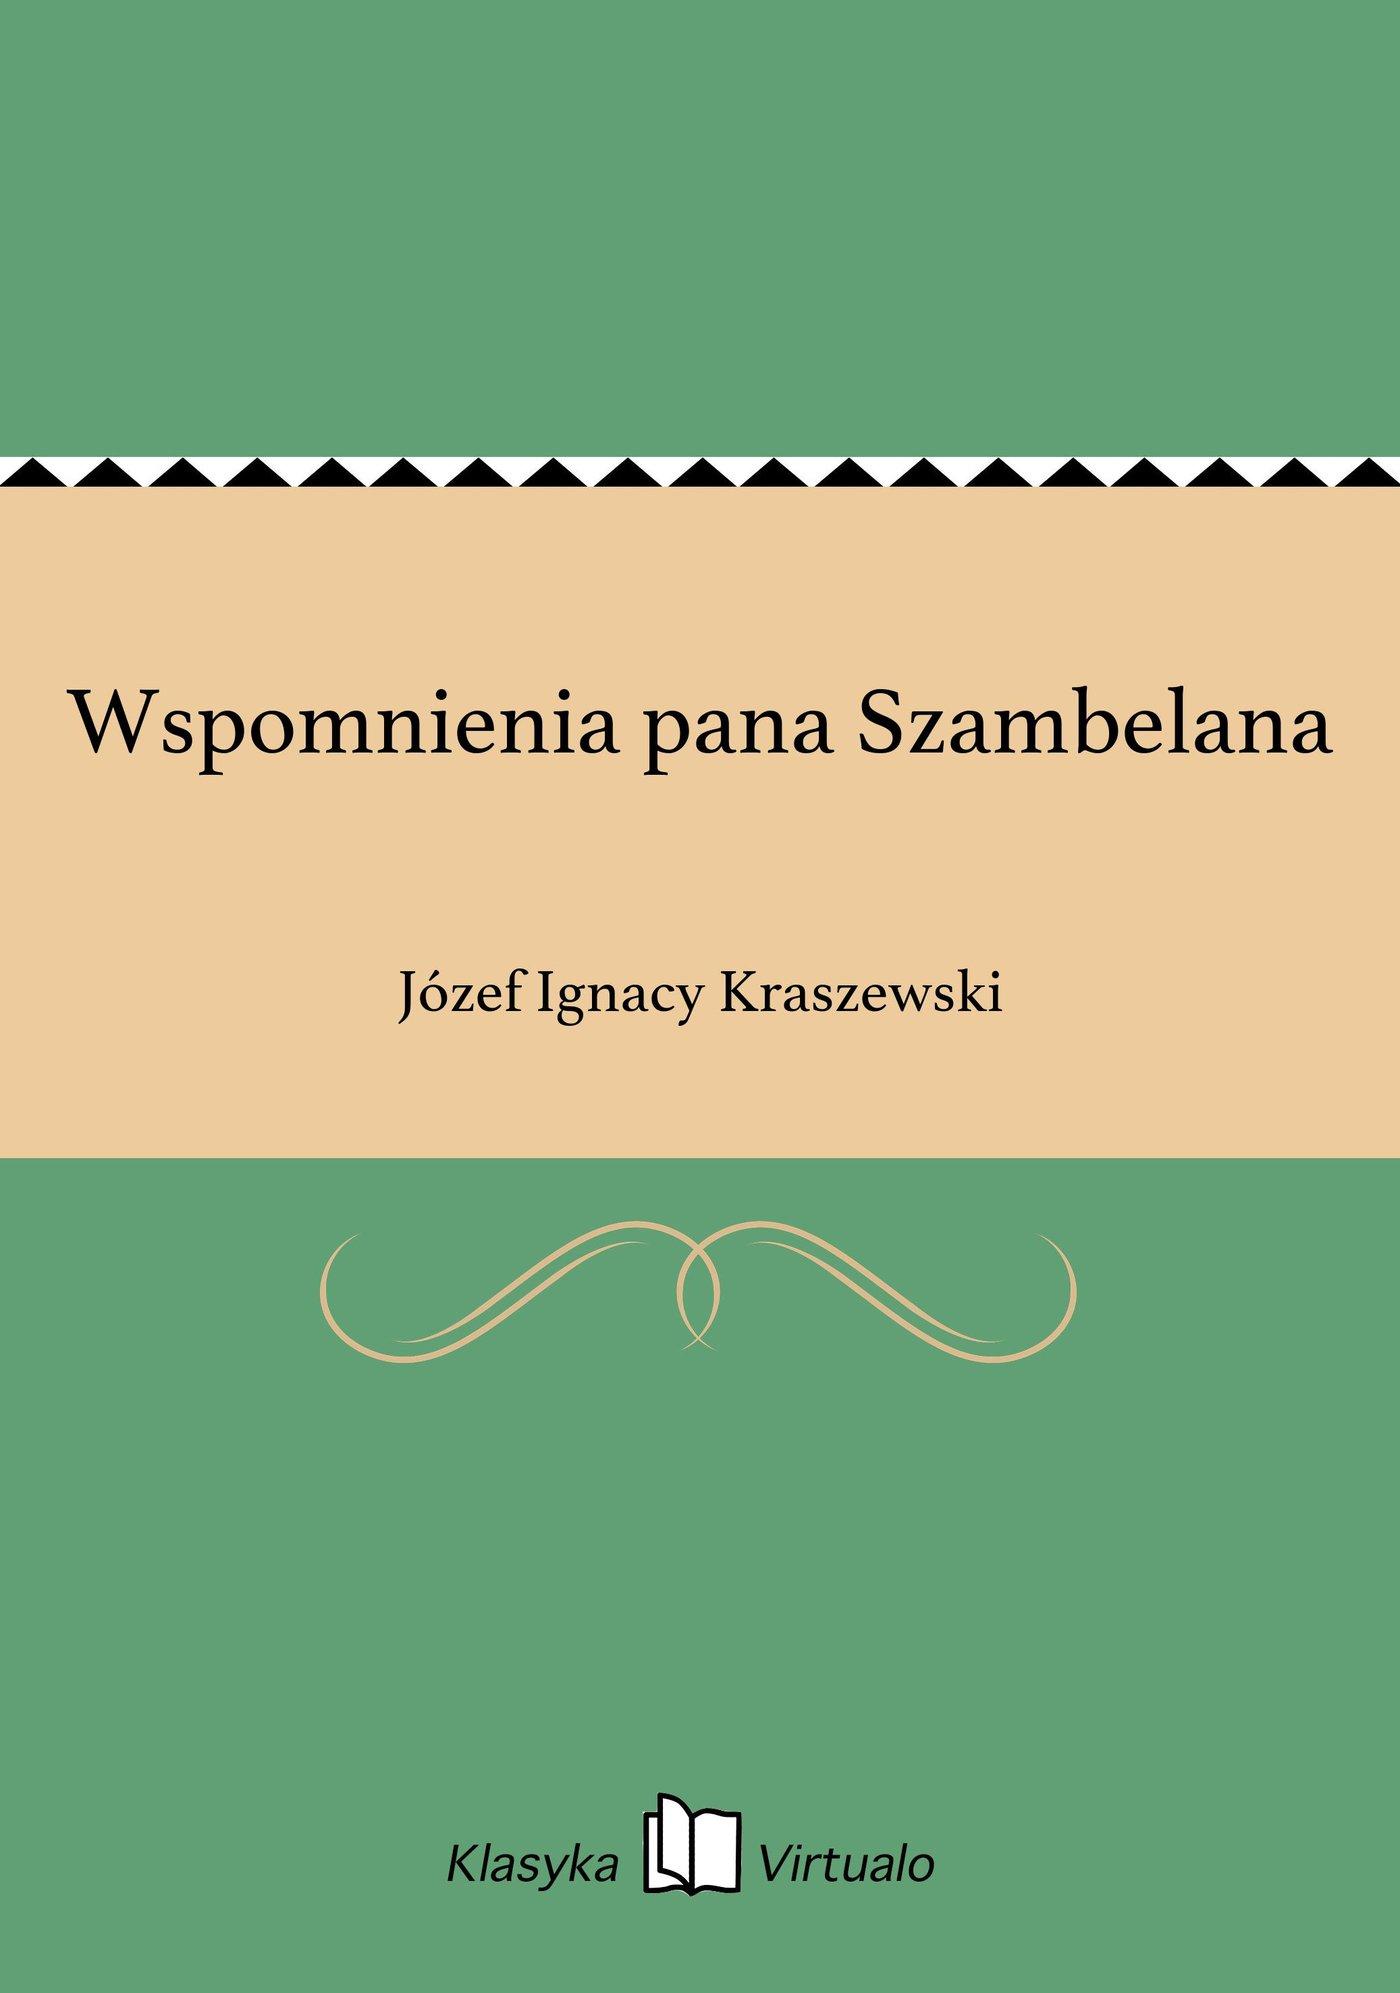 Wspomnienia pana Szambelana - Ebook (Książka EPUB) do pobrania w formacie EPUB